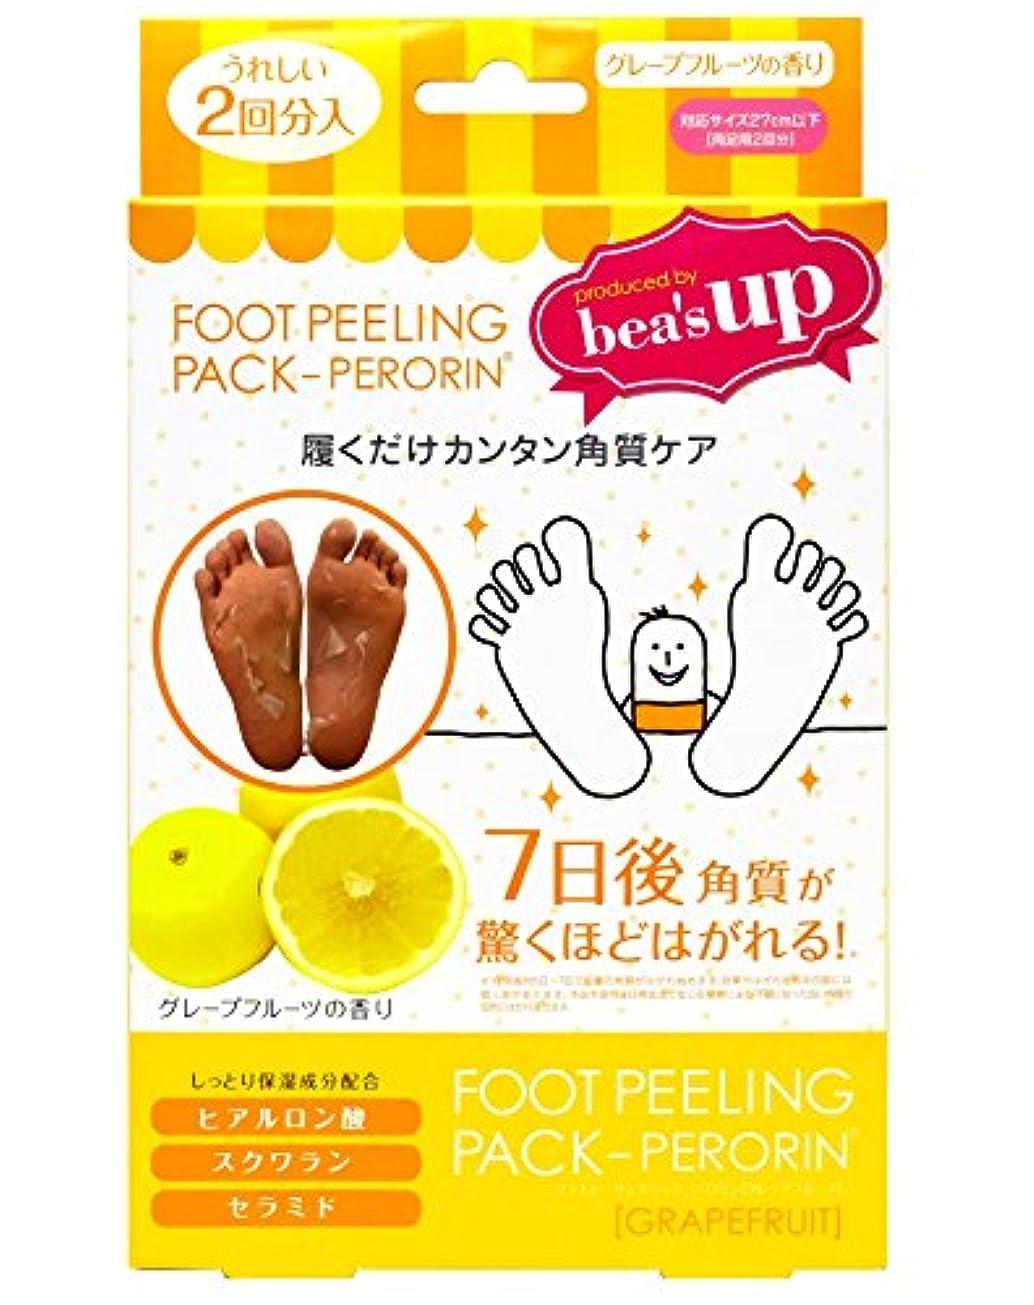 雷雨メンバー事業Bea's upペロリン2回分(グレープフルーツ)